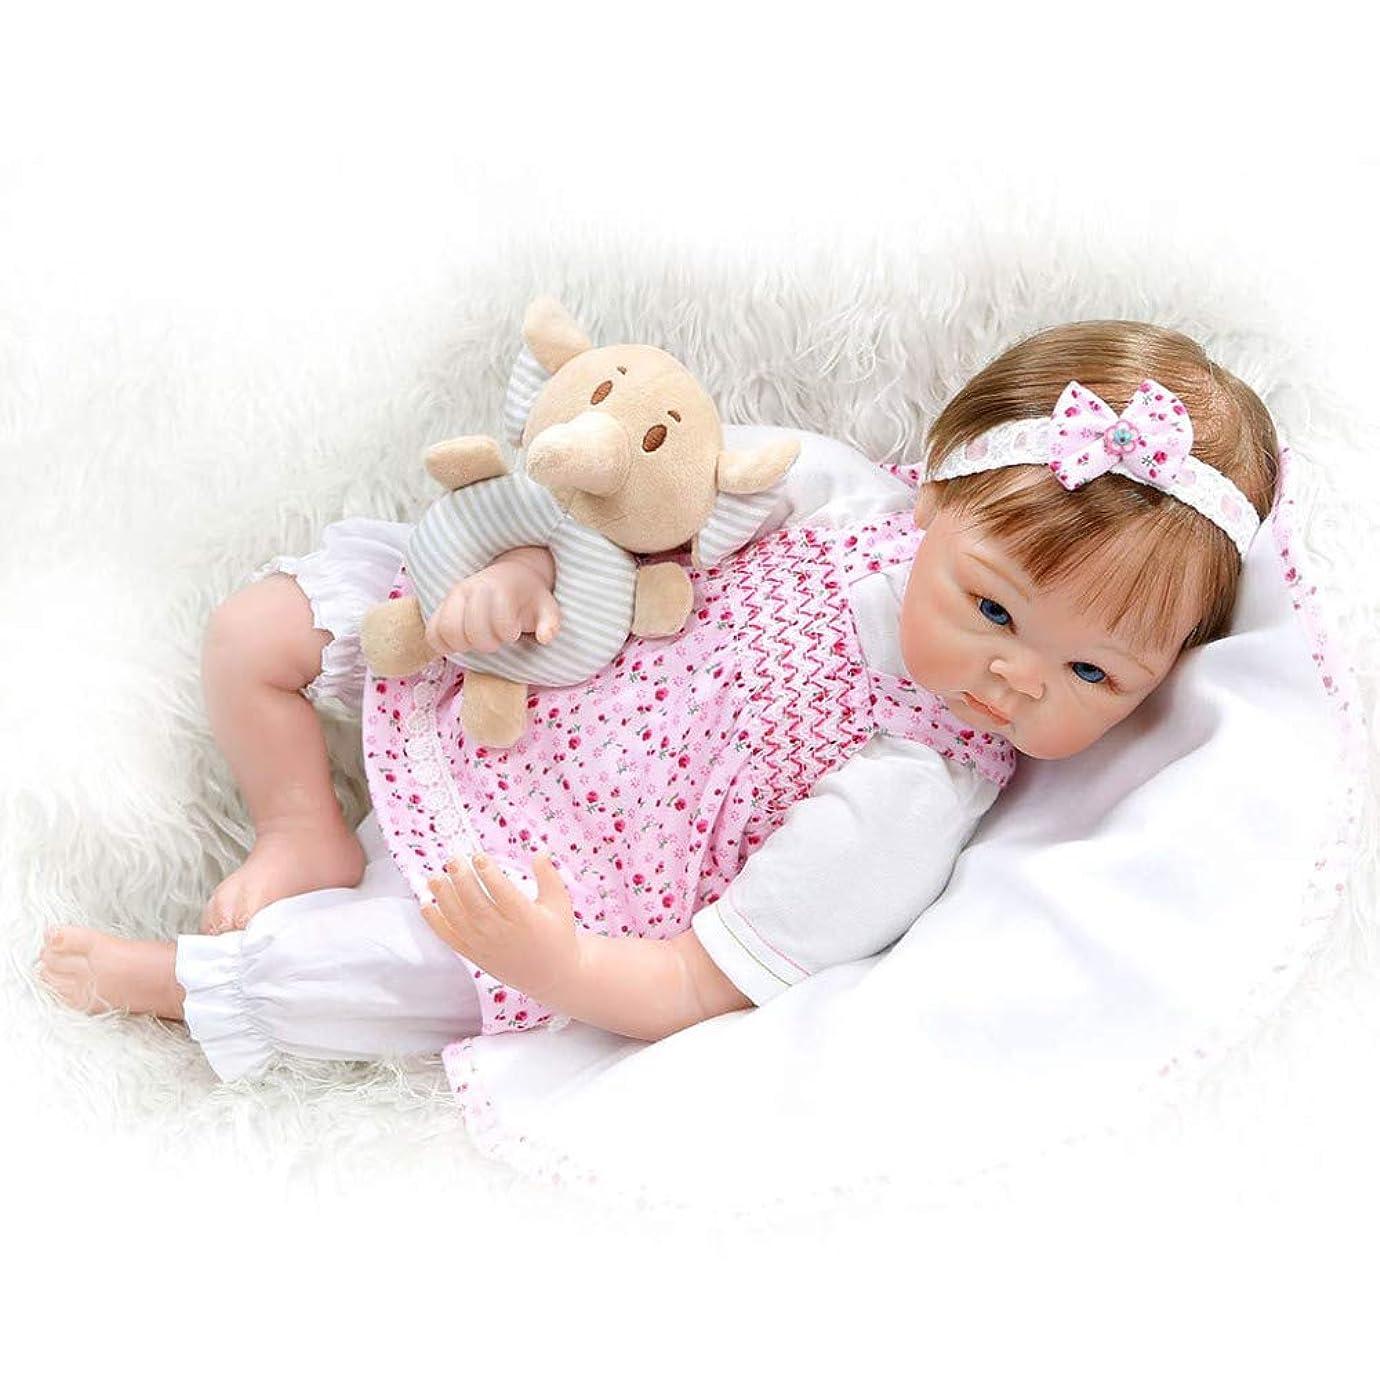 ウルル強制的つま先生まれ変わった赤ちゃん人形55センチ22インチソフトシリコーンリアルな見ている新生児の女の子の人形幼児のおもちゃギフト